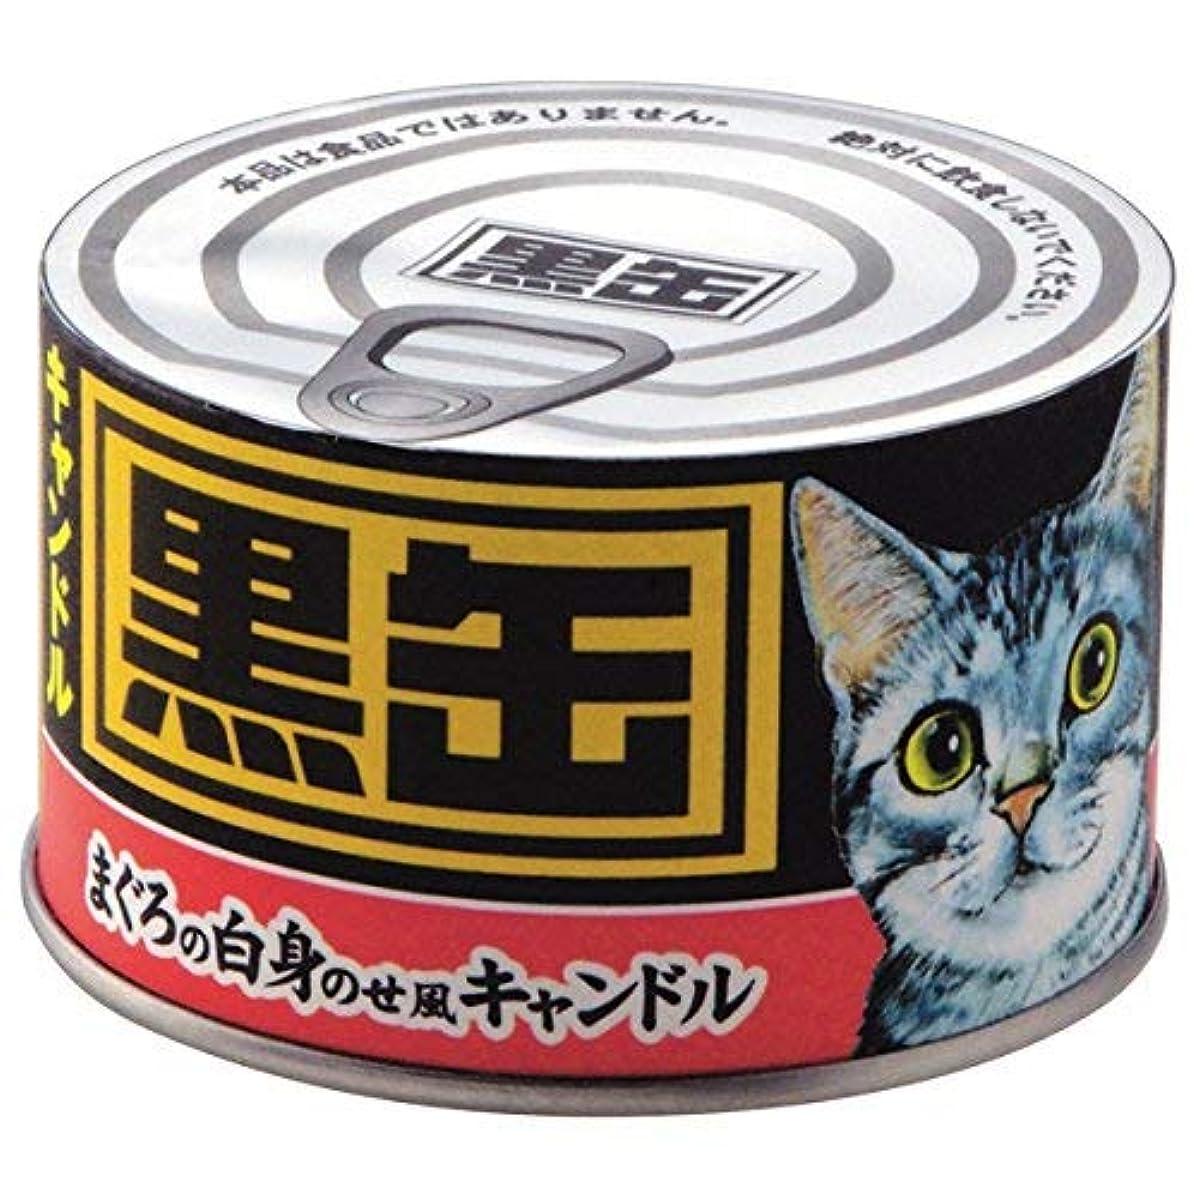 太陽キャンドル虫黒缶キャンドル × 6個セット